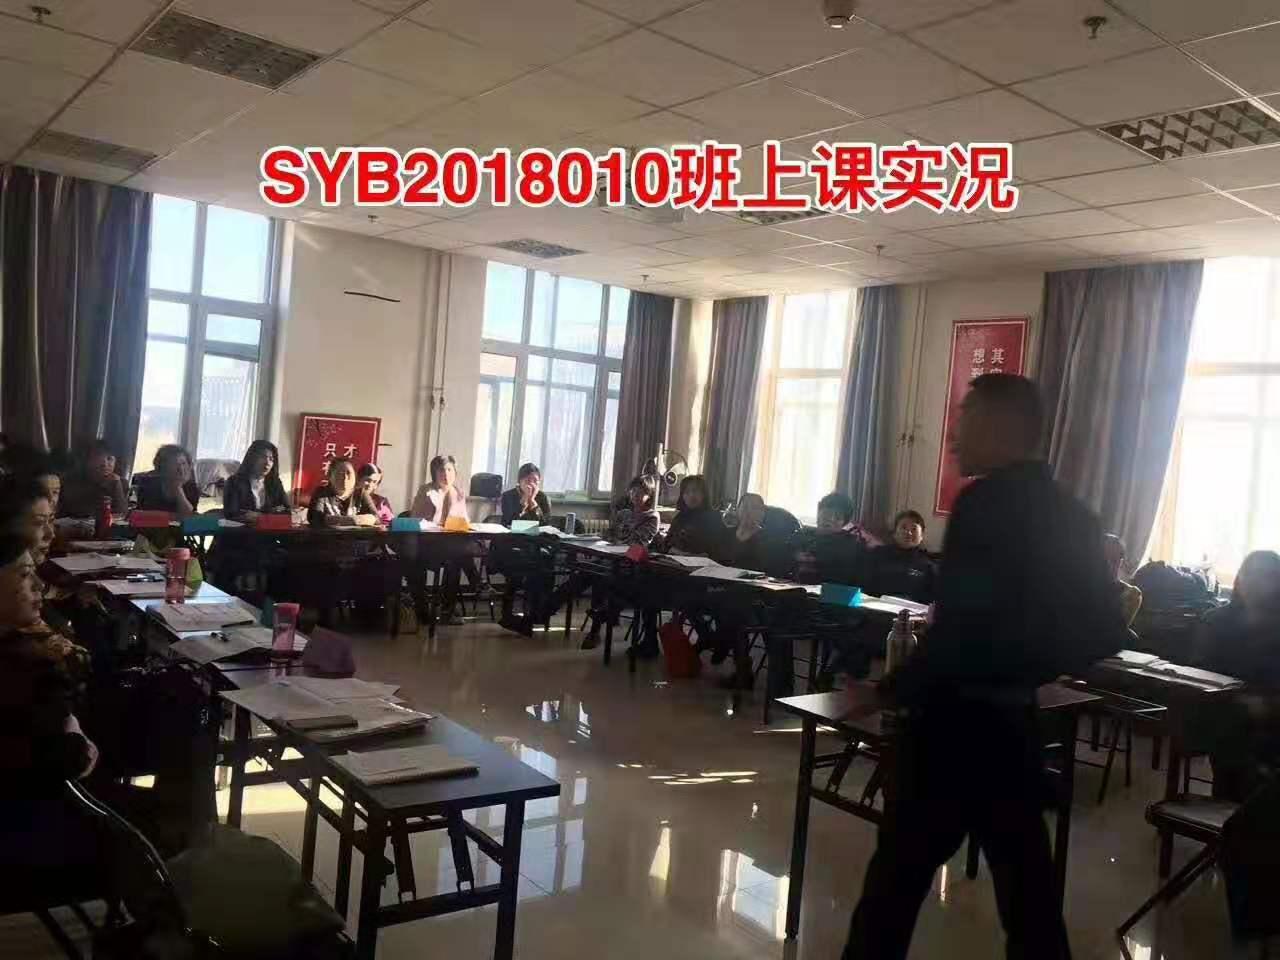 http://www.xzklgb.tw/tiyuhuodong/328477.html